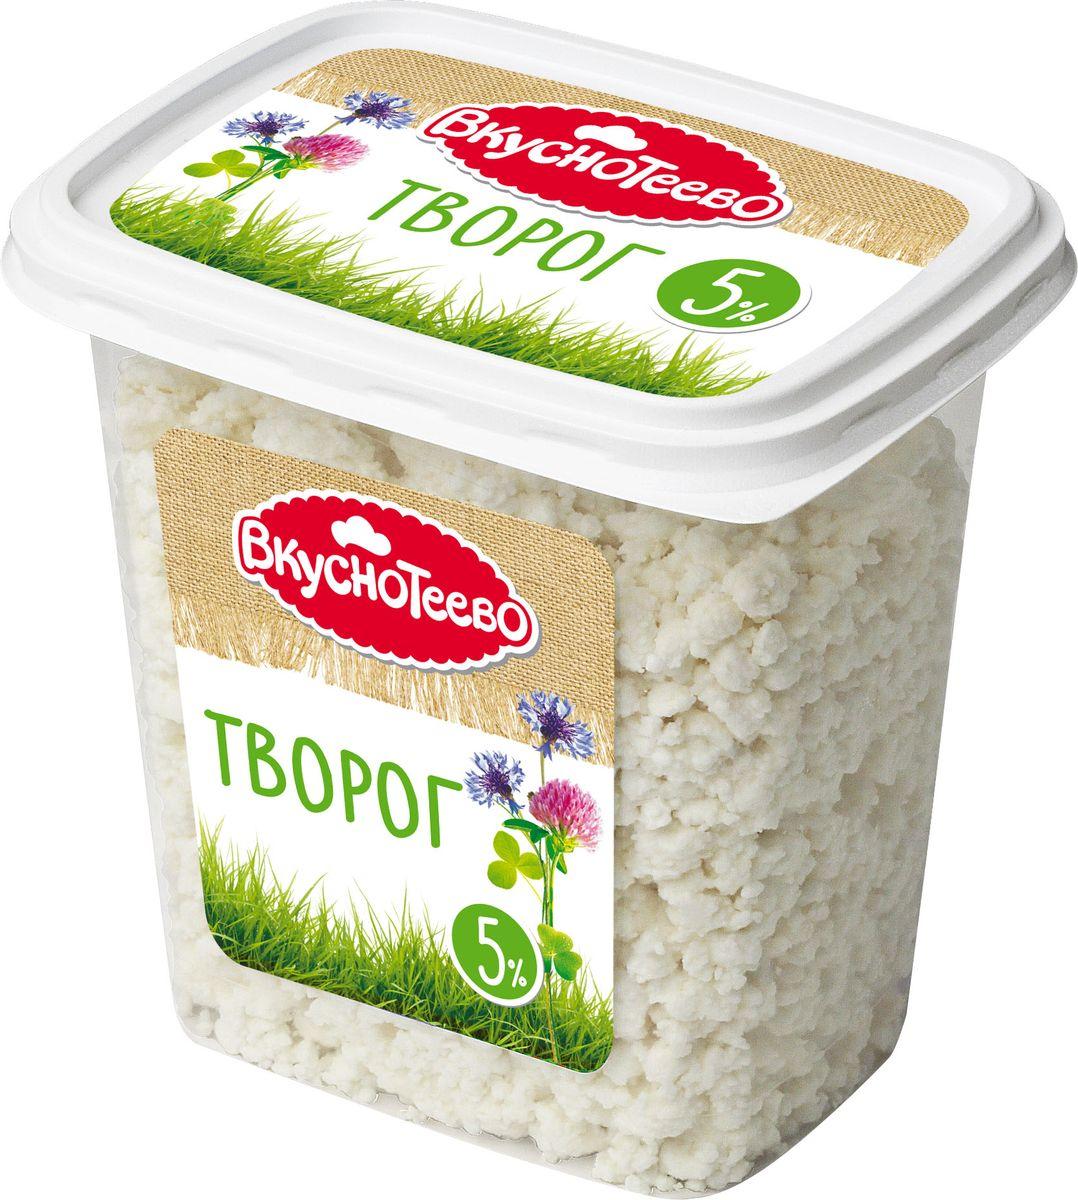 Вкуснотеево Творог 5%, 300 г вкуснотеево йогурт с черникой питьевой 1 5% 750 г